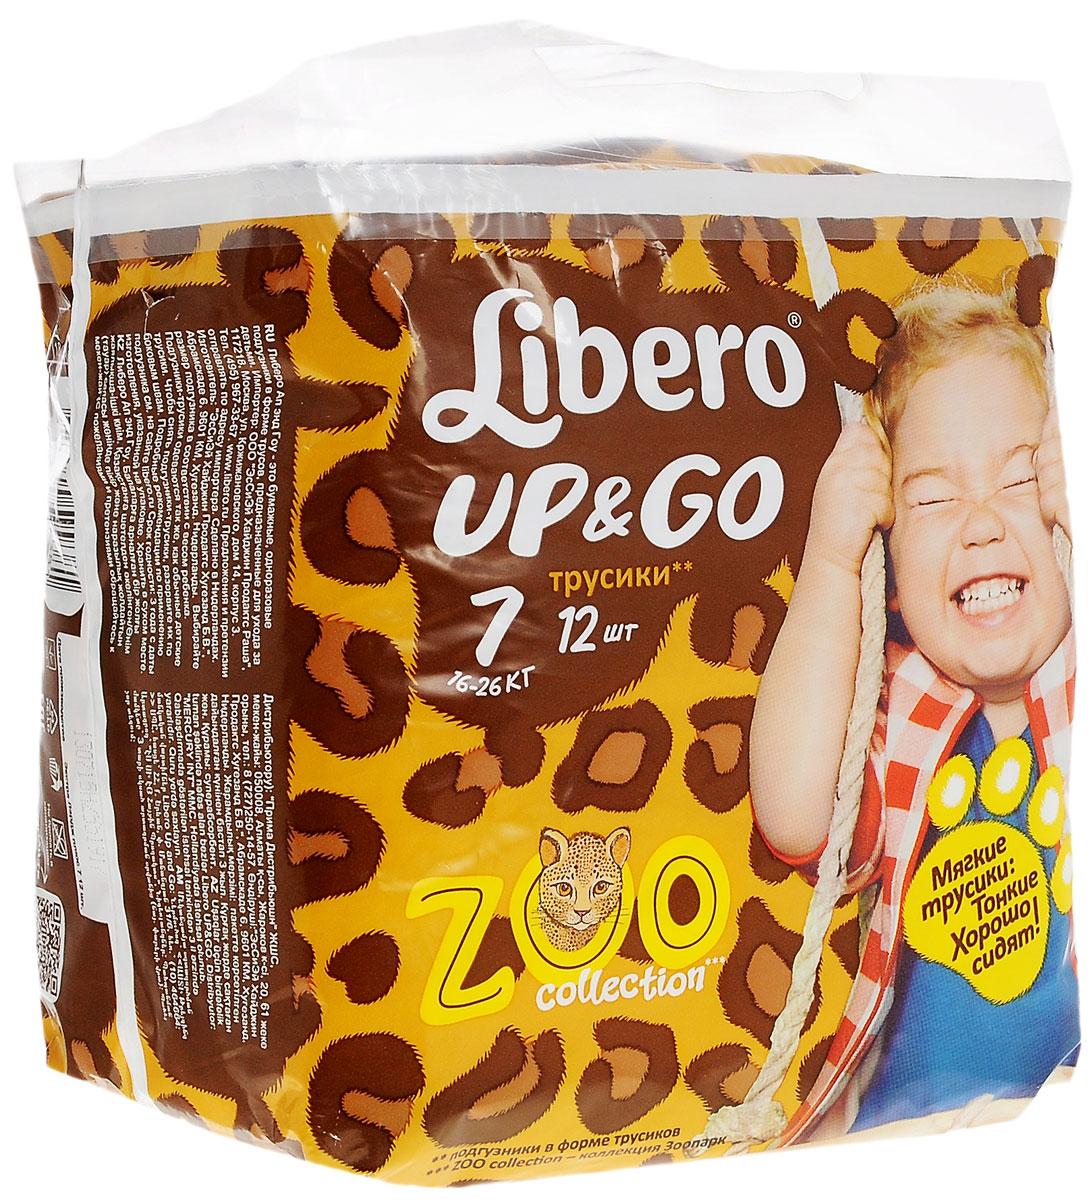 Libero Подгузники-трусики Up&Go Zoo Collection (16-26 кг) 12 шт5583Подгузники-трусики Libero Up&Go Zoo Collection, выполненные из тонкого супермягкого материала, сидят как настоящие детские трусики и заботятся о сухости и комфорте вашего малыша. В комплекте 12 подгузников-трусиков, рассчитанных на ребенка весом от 16 до 26 килограмм. Подгузники-трусики надеваются и снимаются очень легко, что особенно важно для детишек, которые сами пытаются одеваться. Чтобы снять подгузники-трусики с малыша, всего лишь необходимо разорвать боковые швы, когда подгузник наполнен. Клеящая лента позволяет с легкостью свернуть подгузник после использования. Хорошо впитывают и имеют высокие барьерчики для защиты от протекания. Мягкий эластичный поясок выполнен из дышащего материала. Смена подгузника не будет скучной, ведь в упаковке Libero Up&Go шесть ярких дизайнов с изображениями животных!